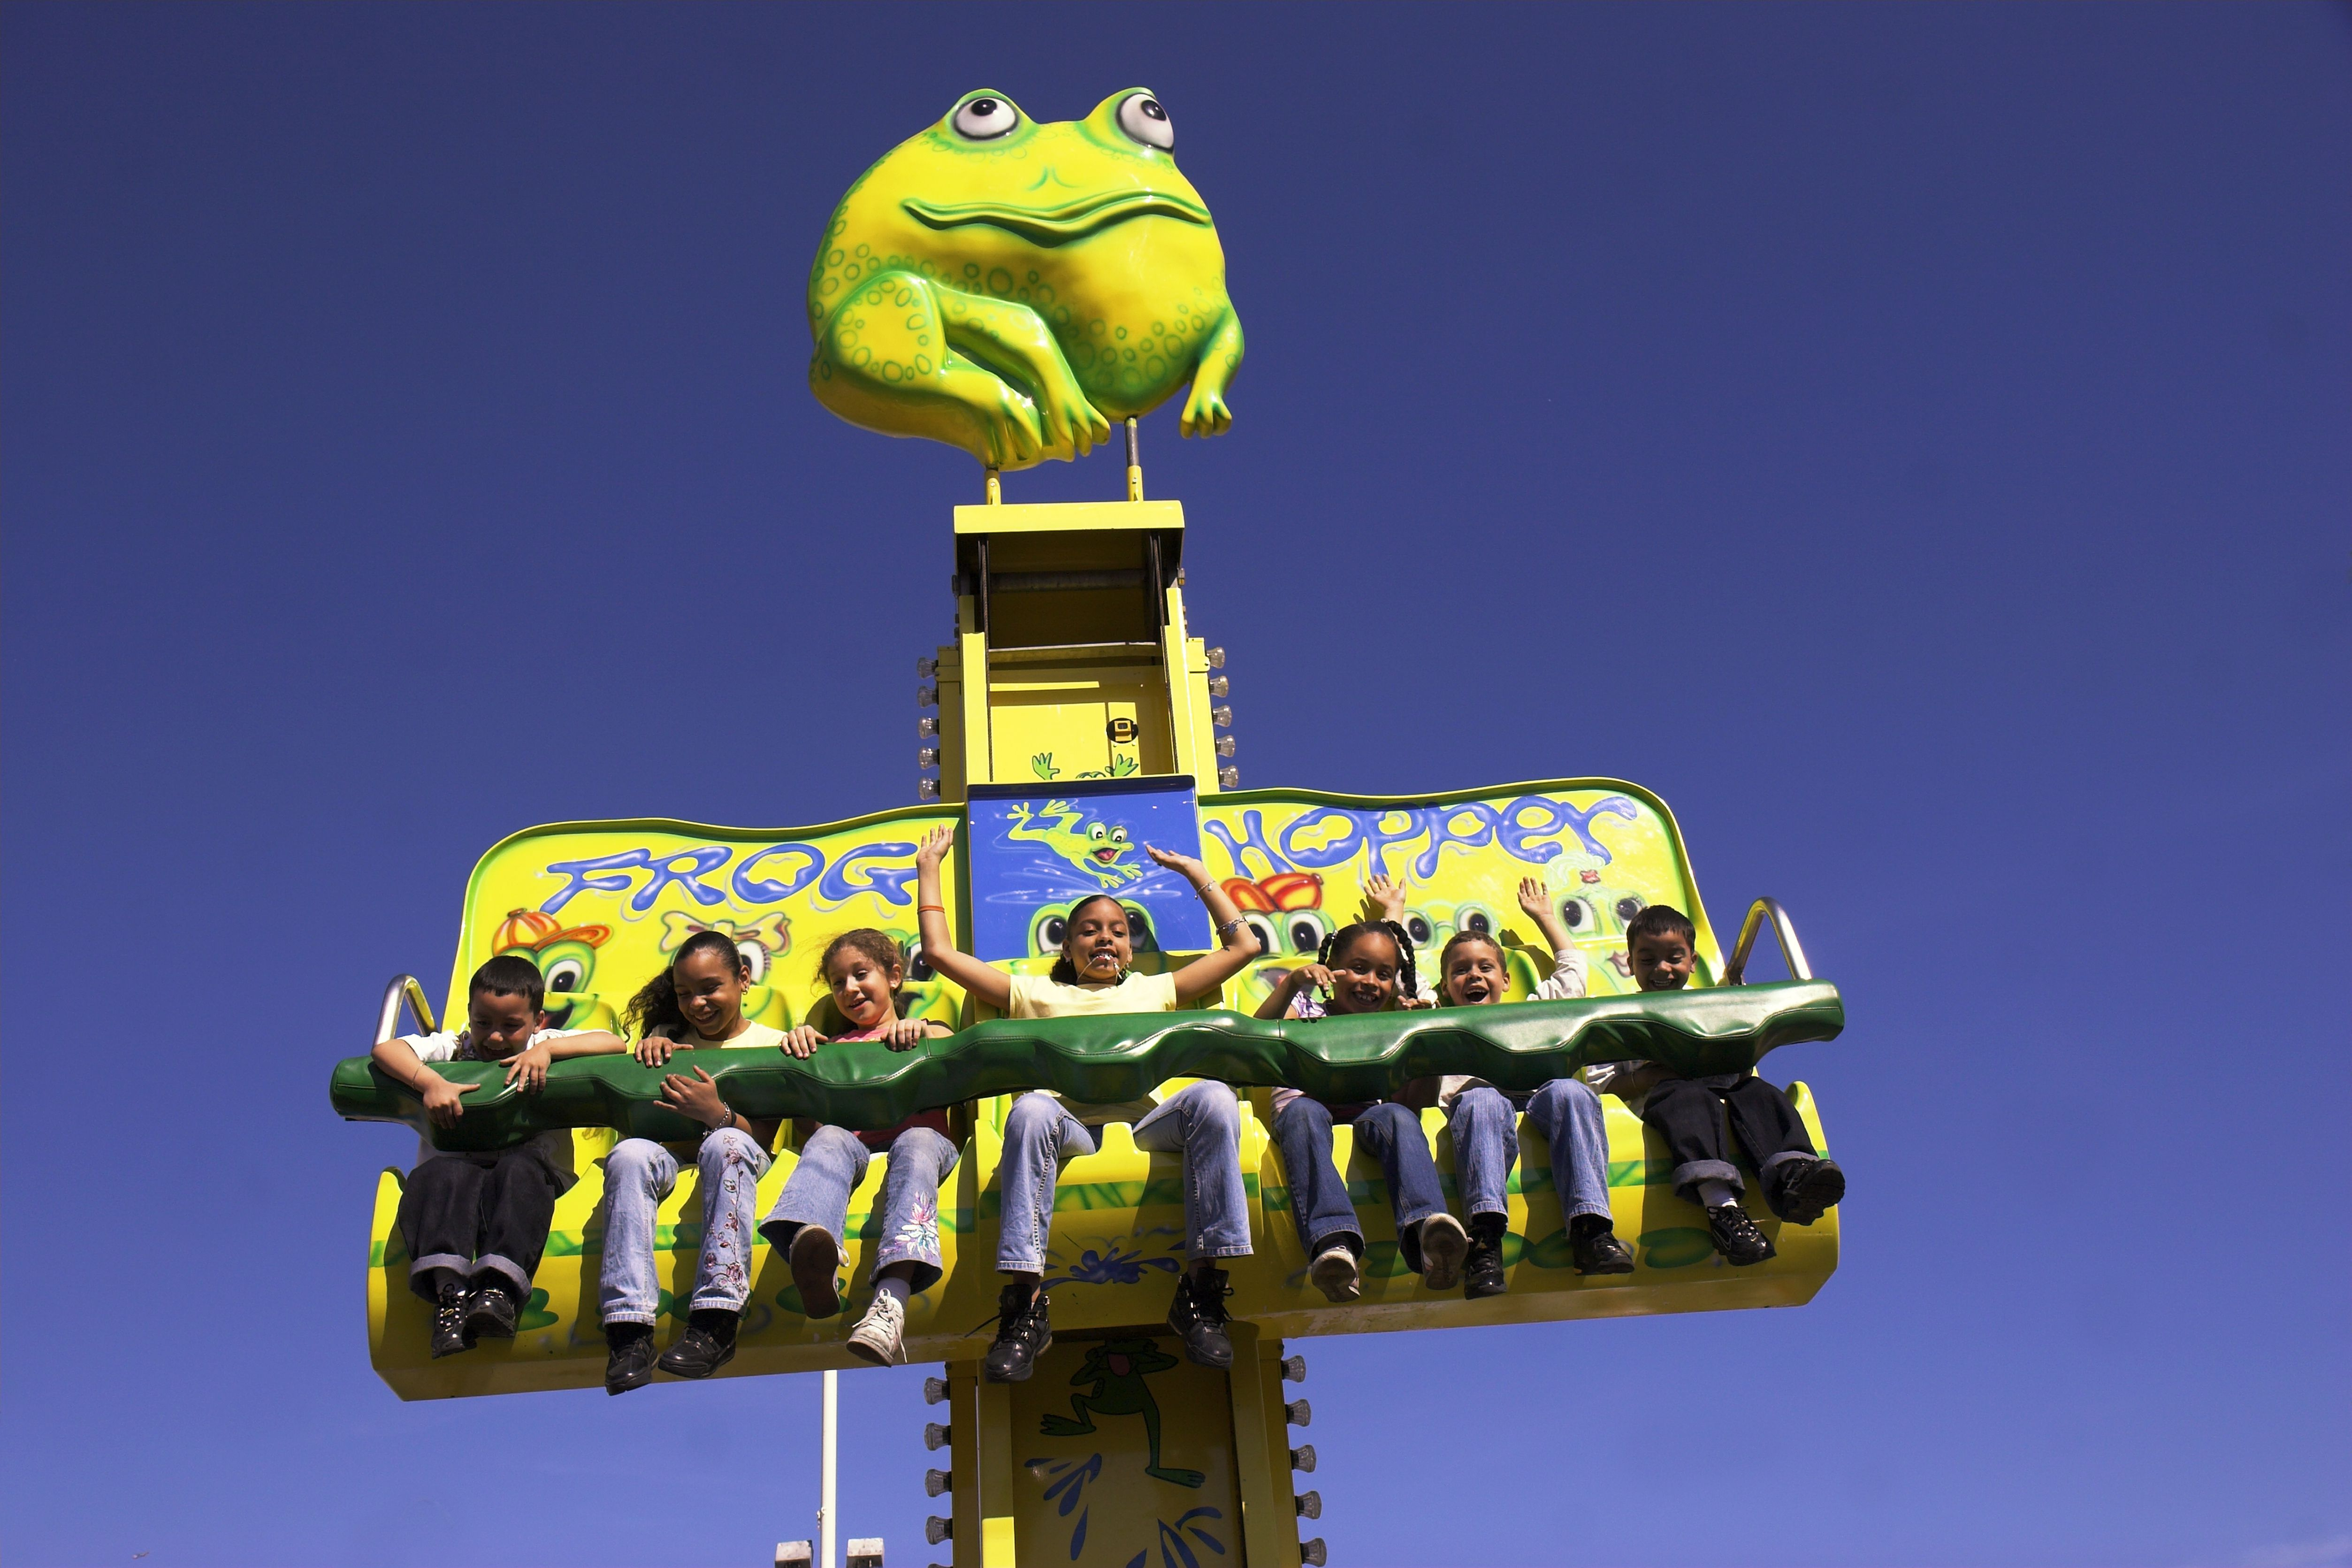 Children on Frog Hopper ride.